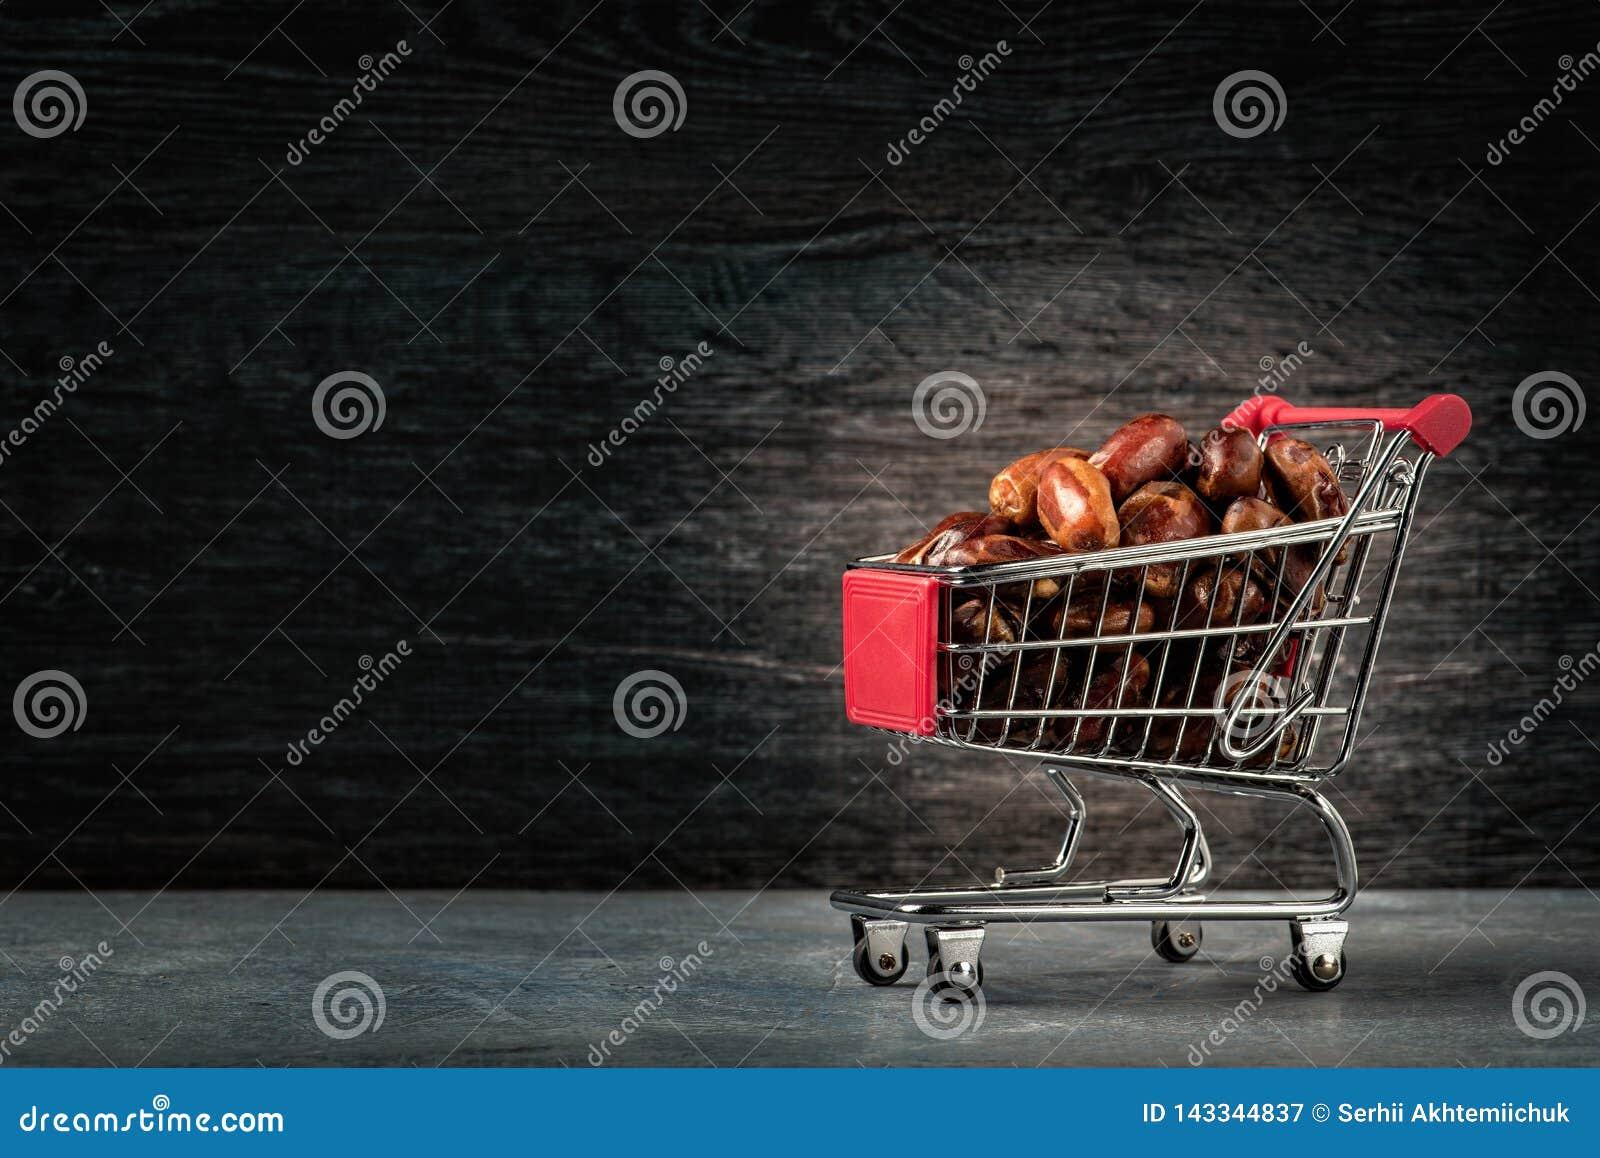 Einkaufen für Ramadan Getrocknete Daten Köstliche getrocknete Daten, ein Lieblingsteller vieler Feinschmecker